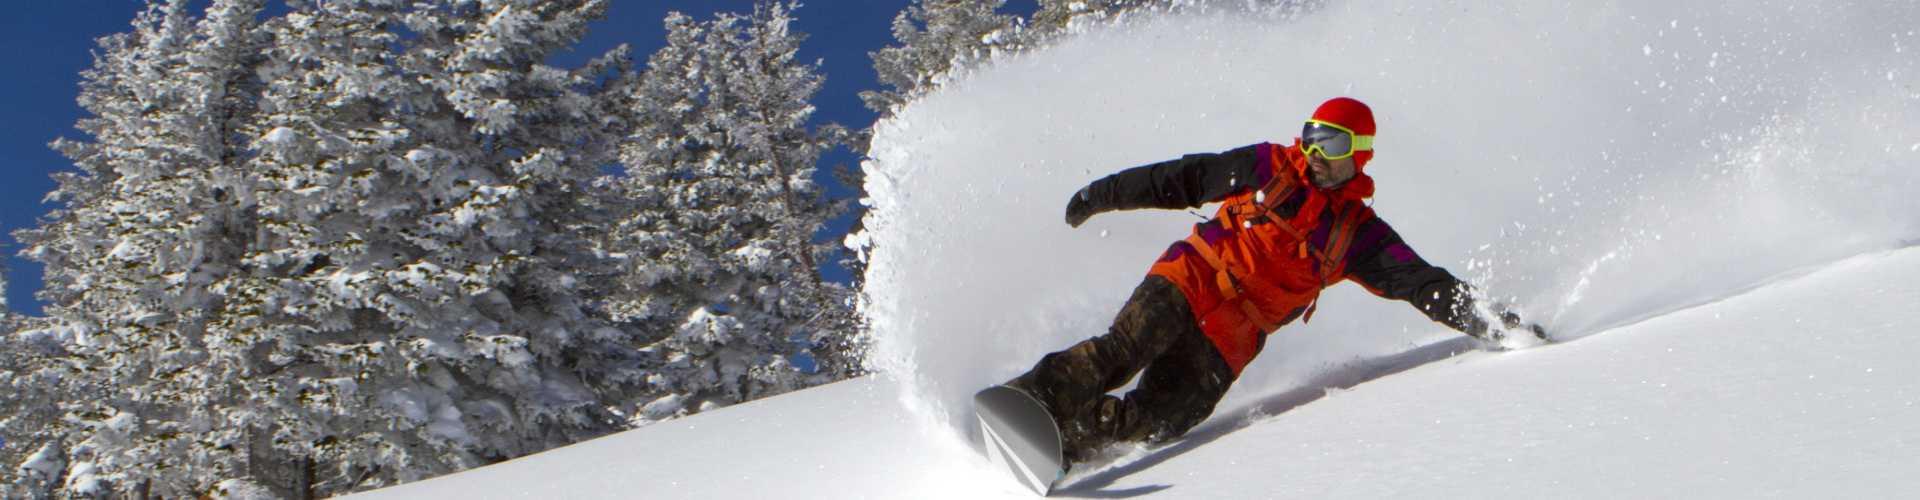 Winterurlaub für Snowboarder